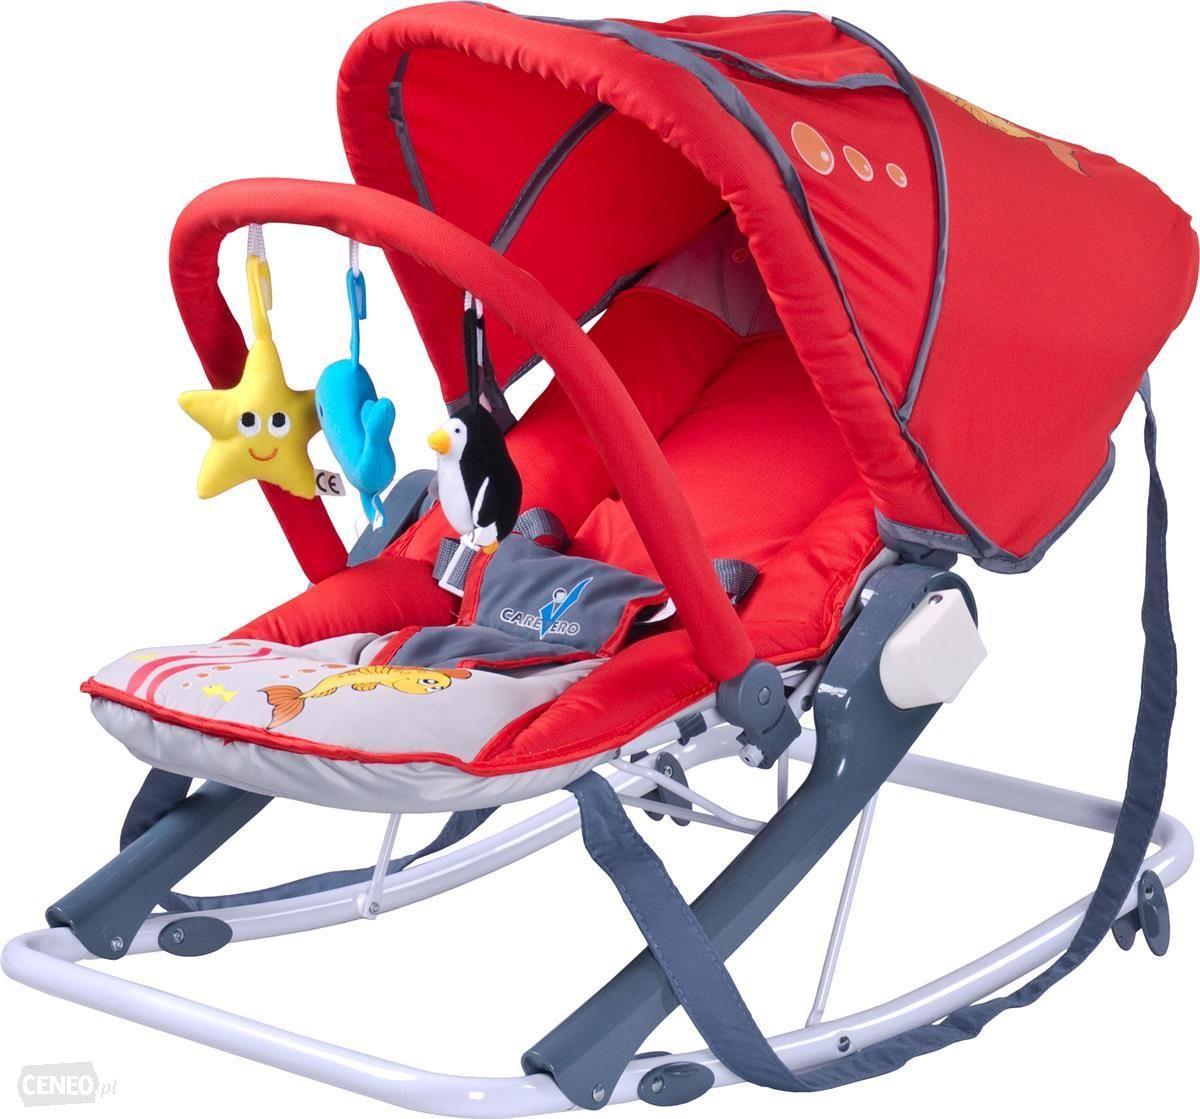 Leżaczki bujaczki dla dzieci z daszkiem kolor czerwony